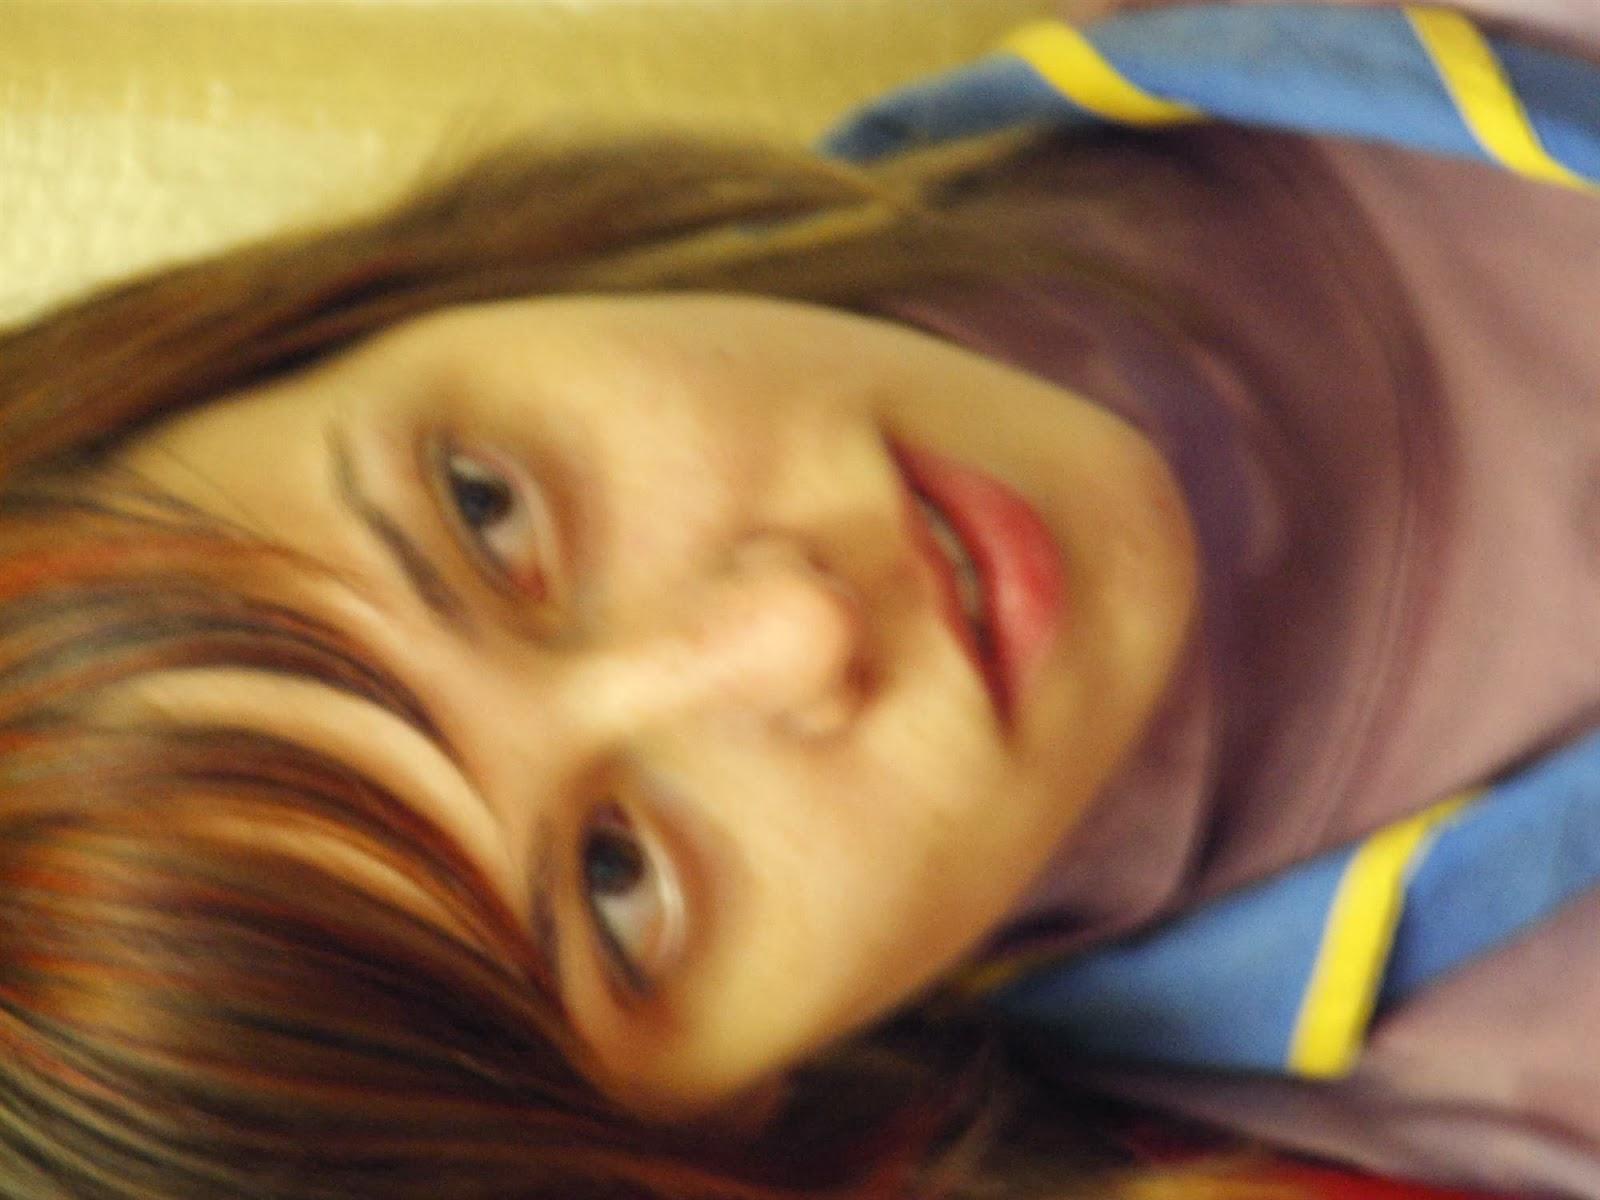 Motivacijski vikend, Strunjan 2005 - KIF_1884.JPG